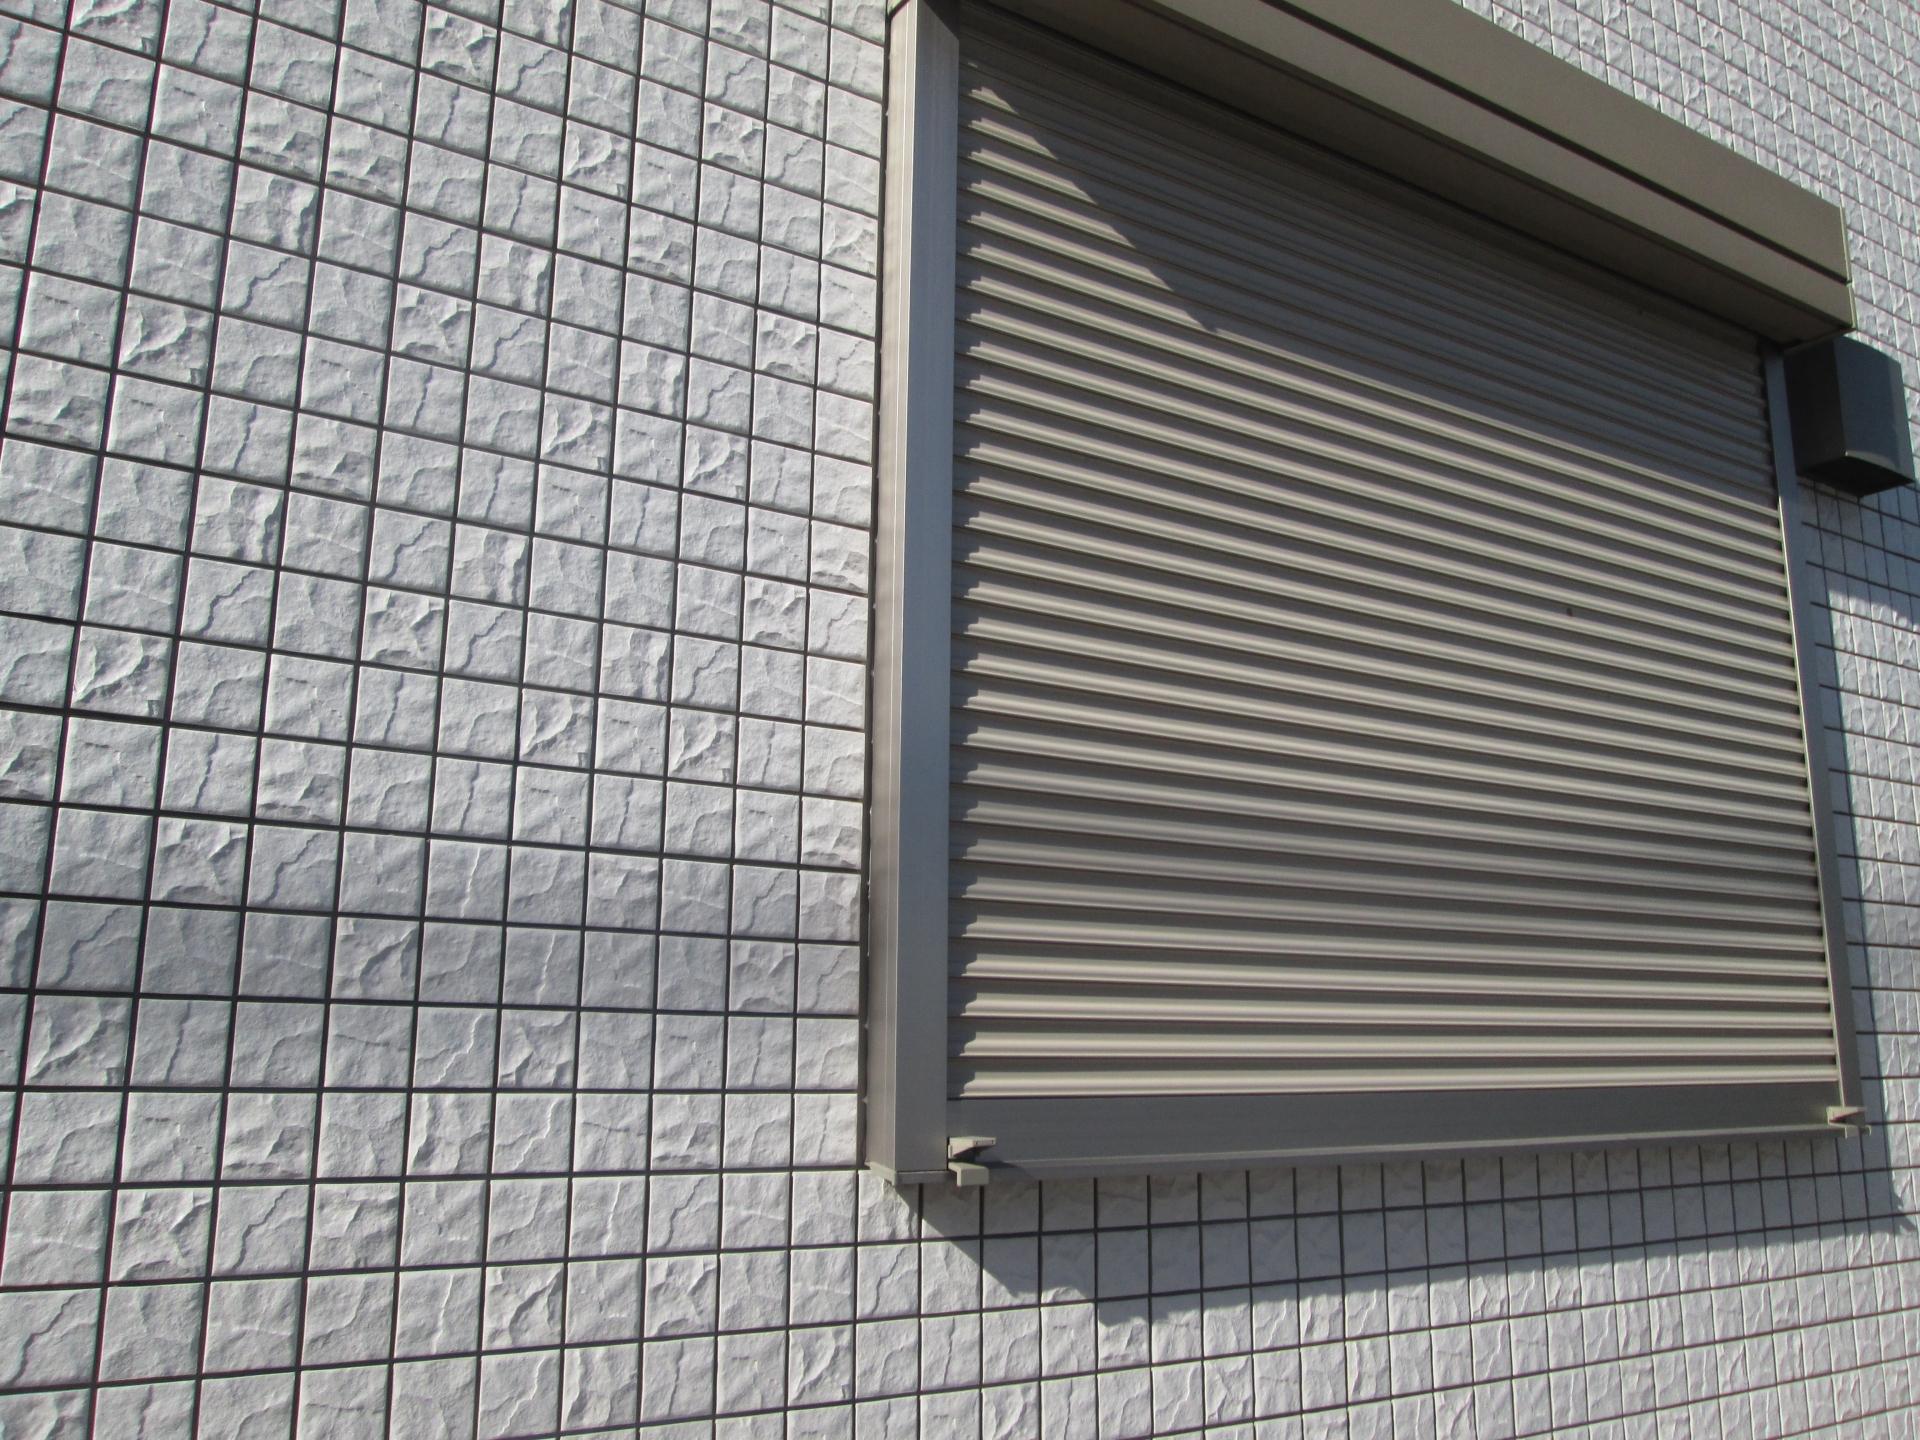 住宅の窓シャッターの必要性を防風や防犯から考えましょう